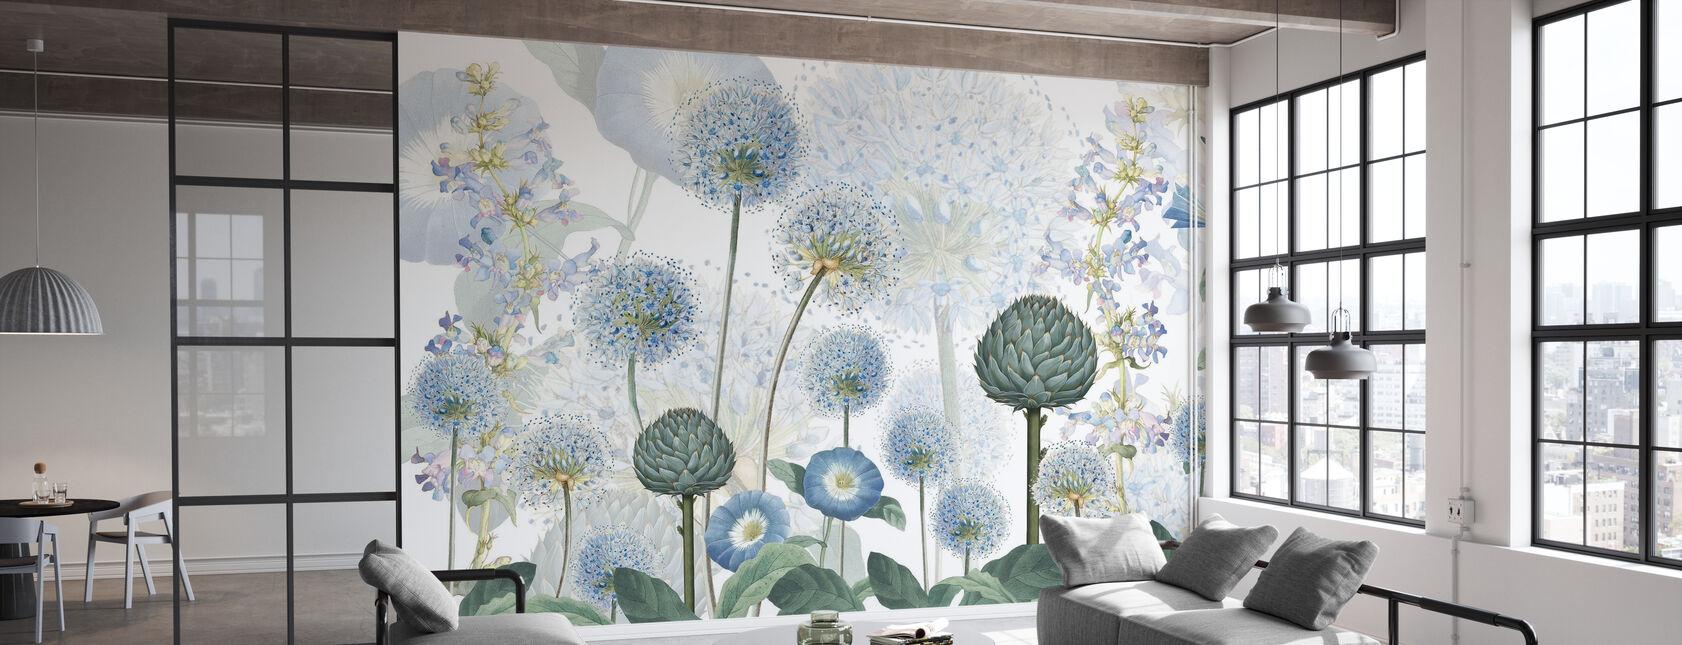 Blue Wild Meadow - Wallpaper - Office